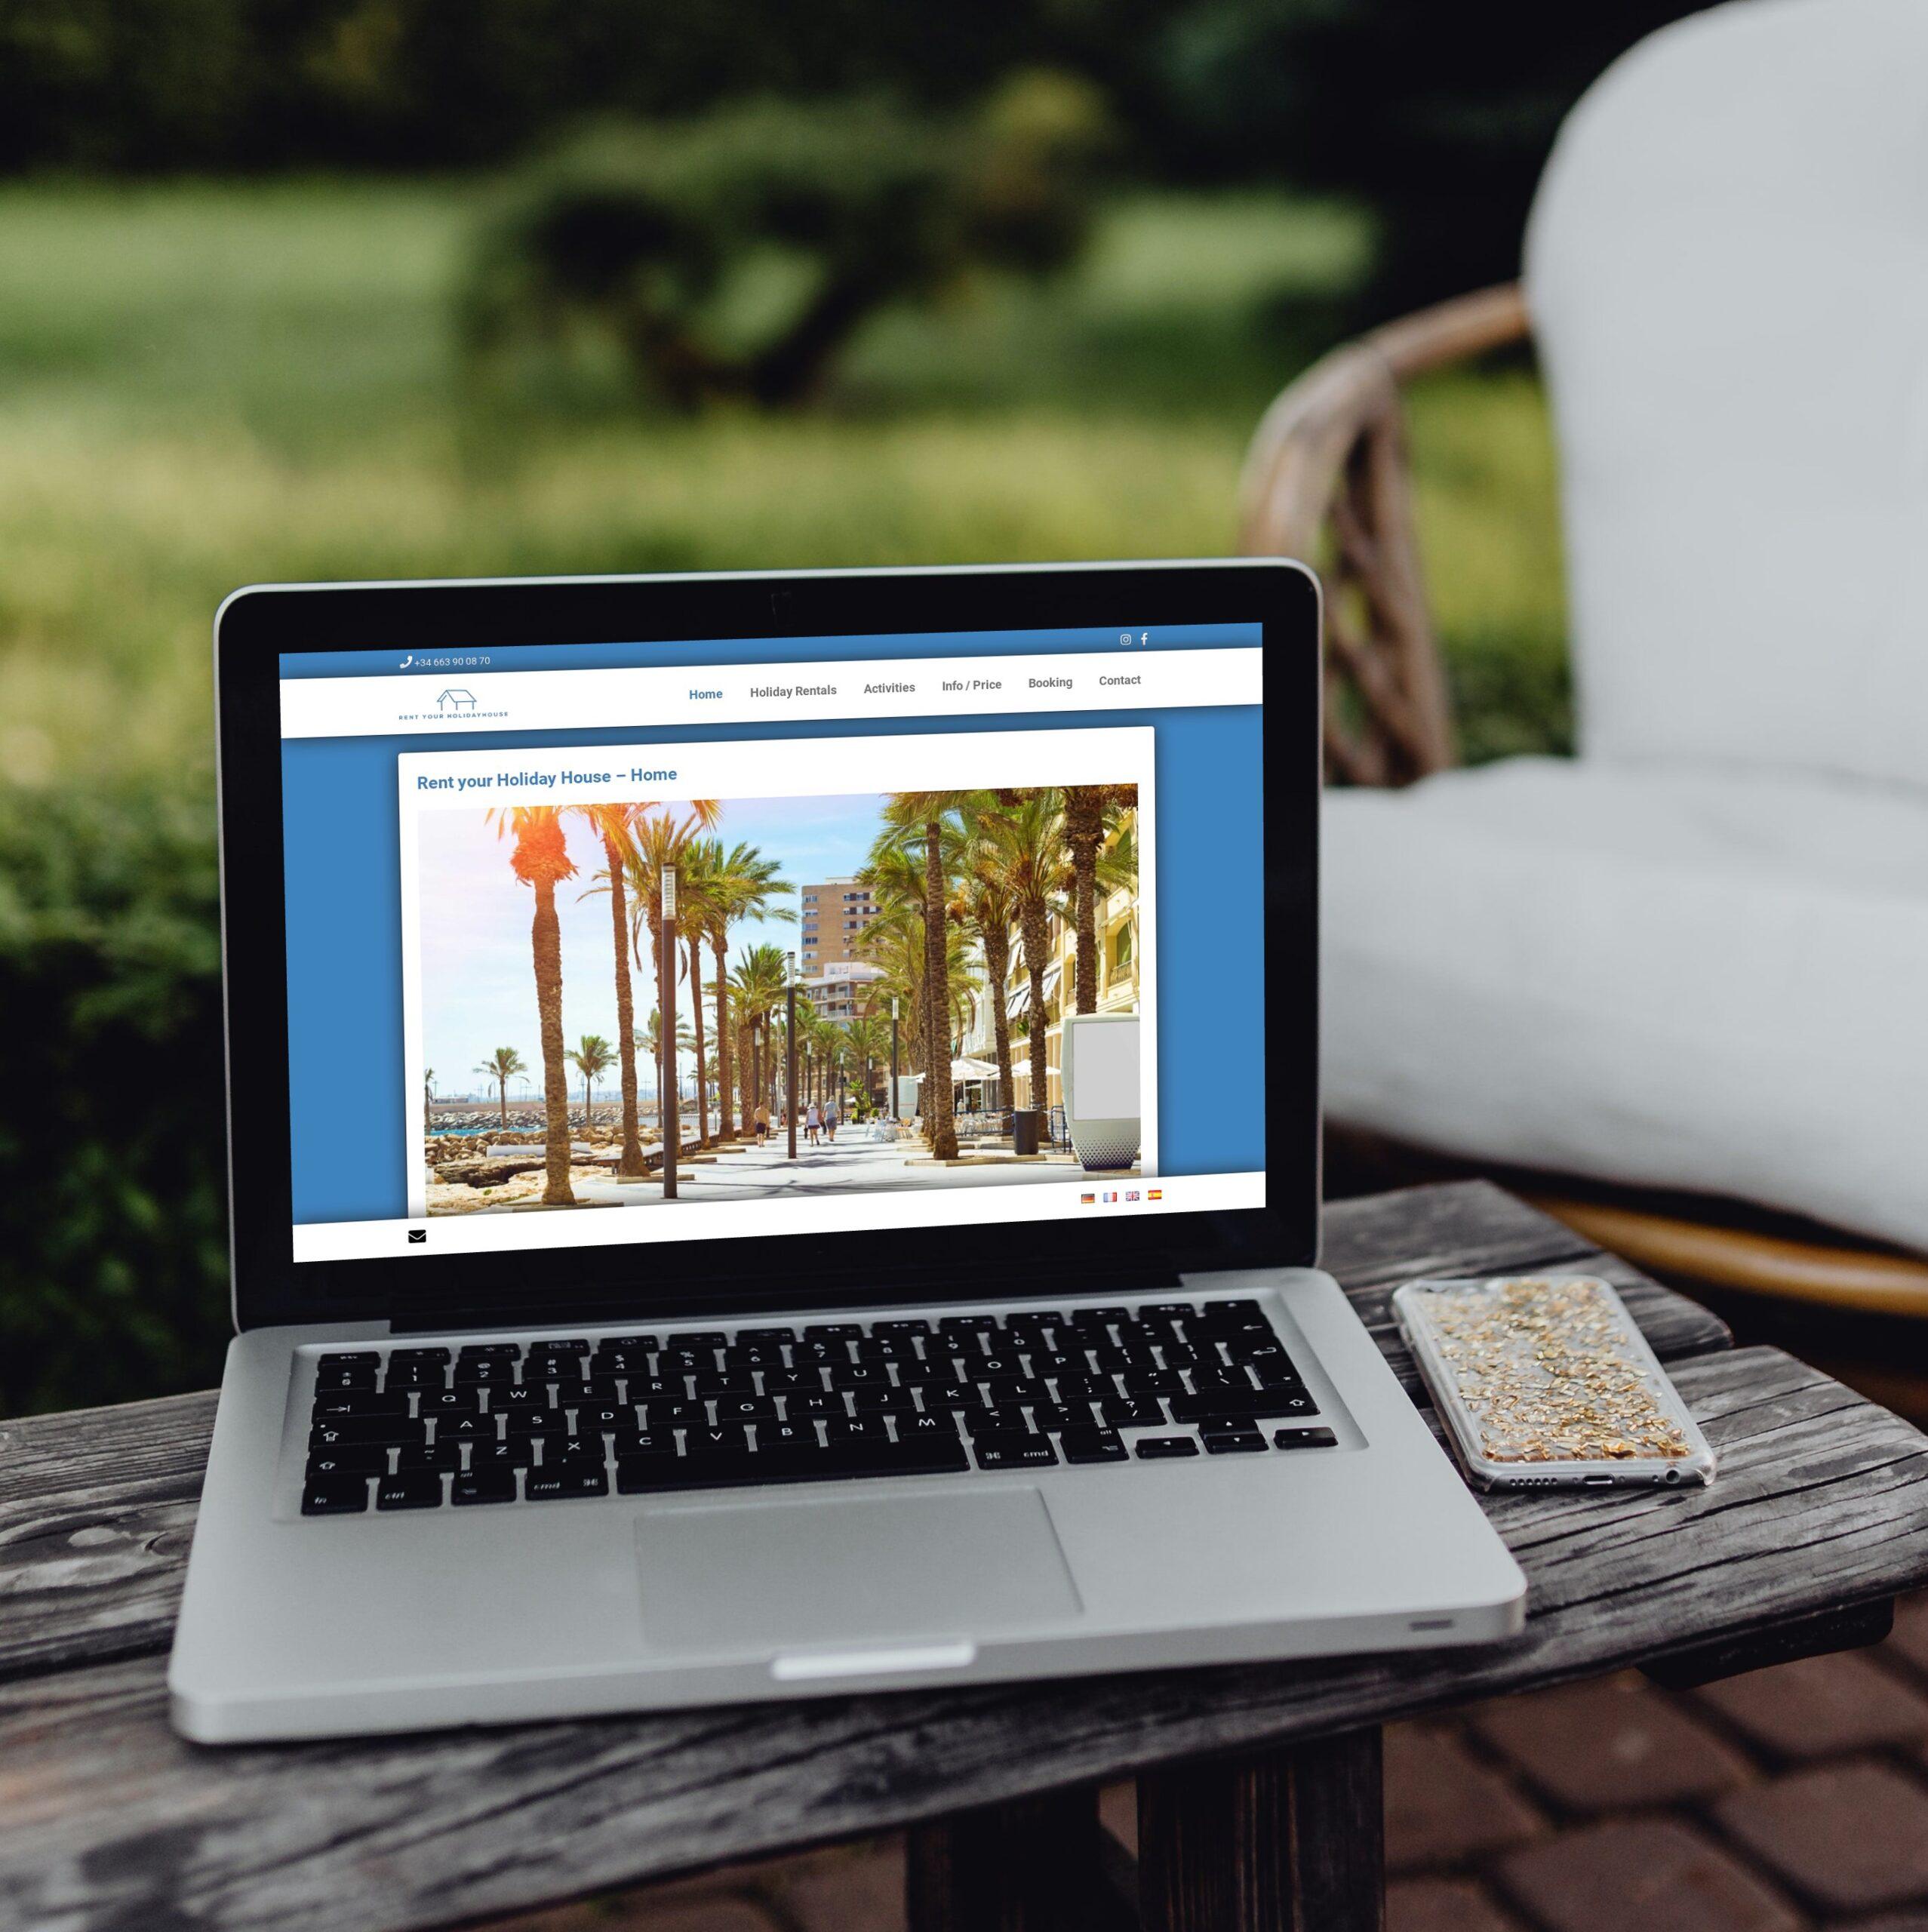 Webseite mit integriertem Buchungstool für Ferienhaus-Vermietung in Spanien.